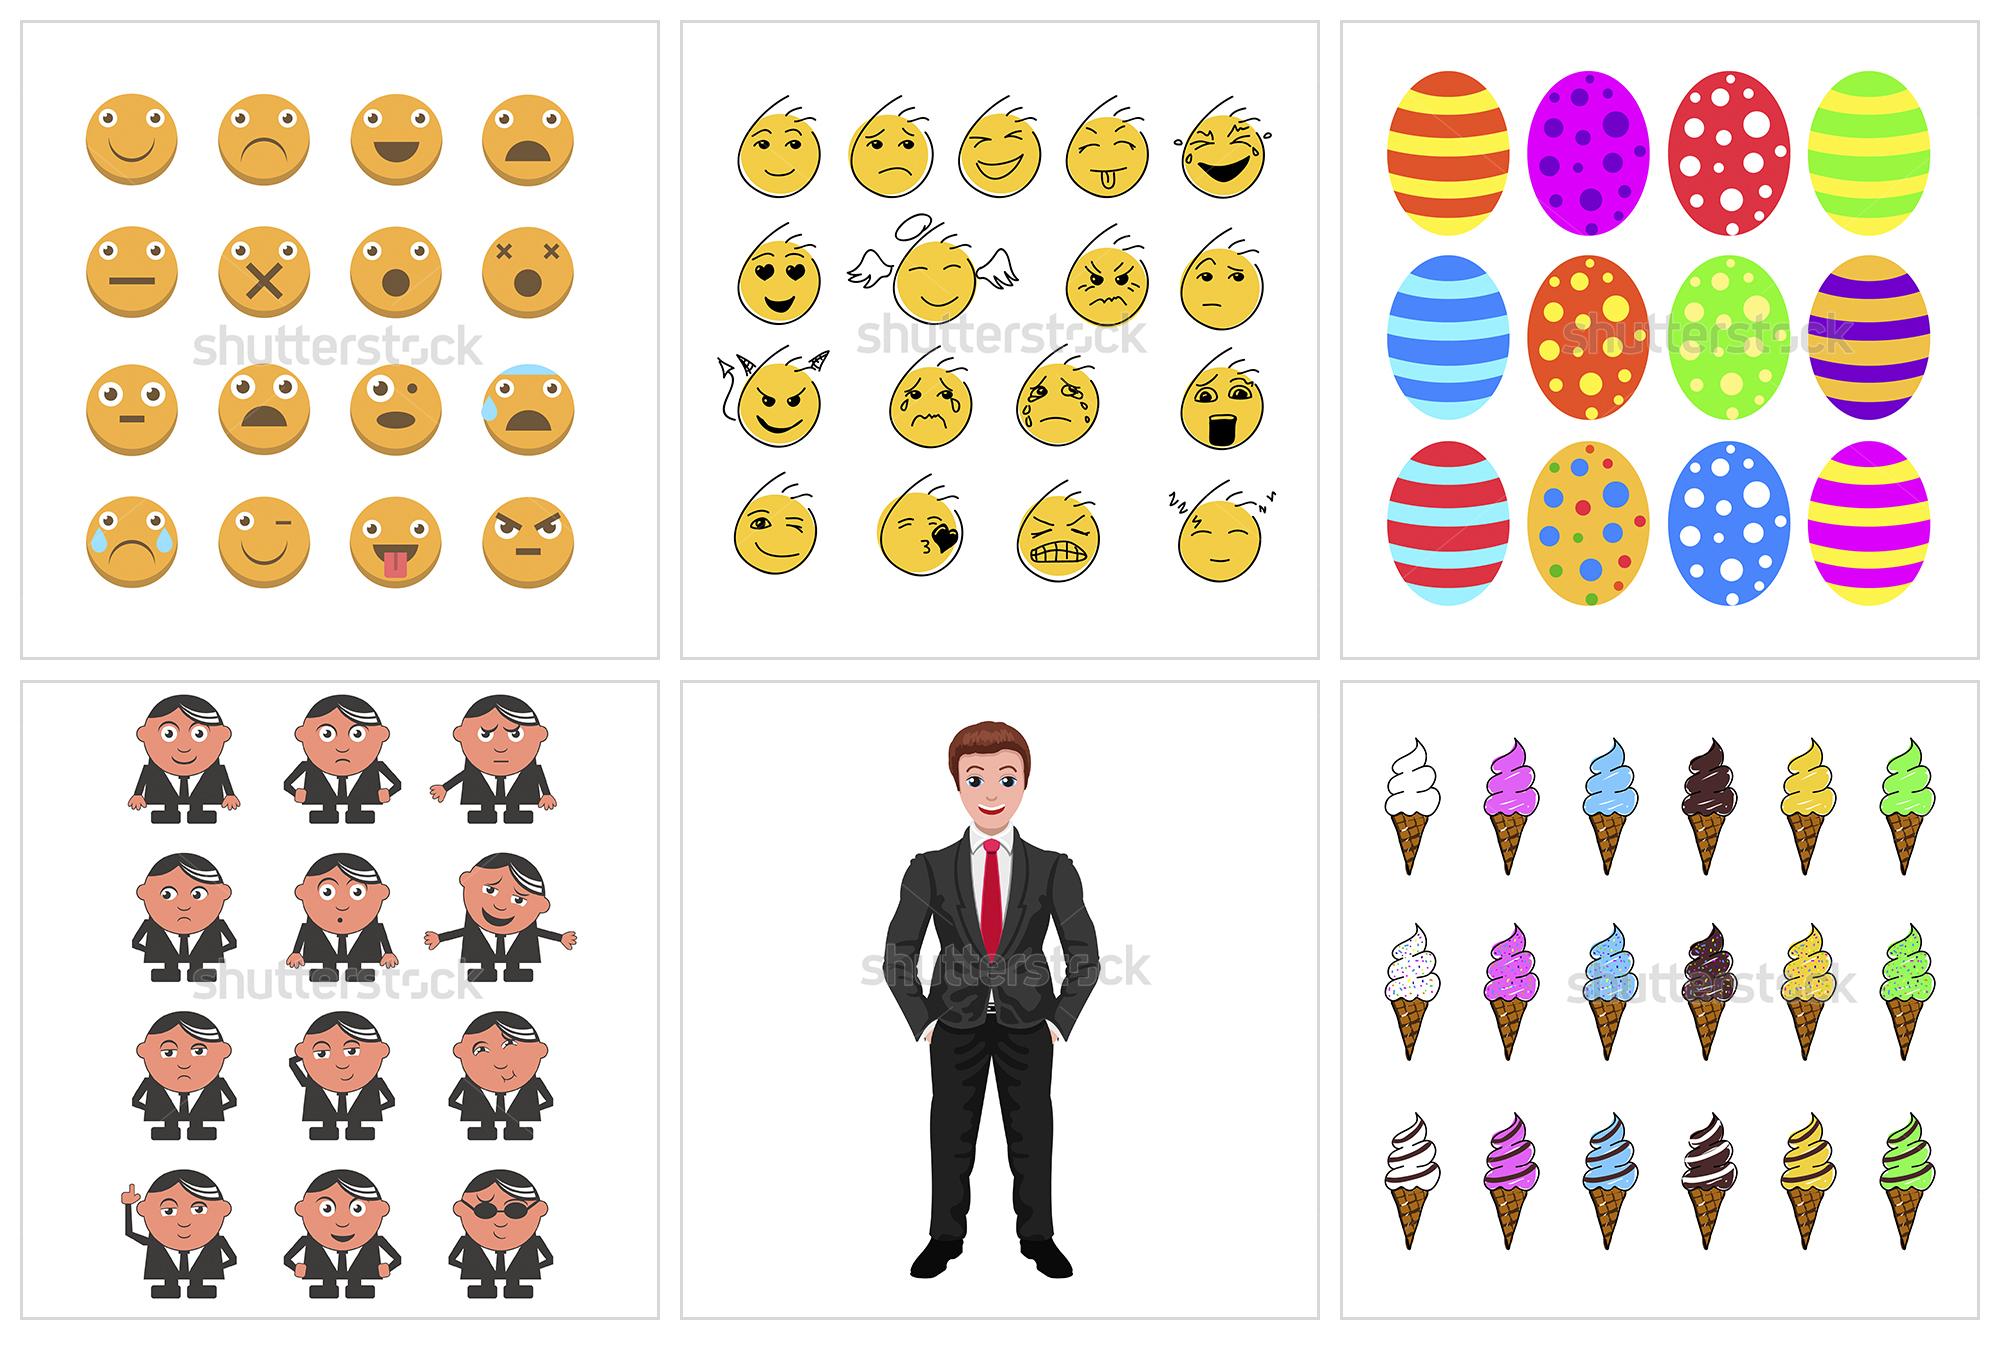 Векторные смайлики, иконки и персонажи